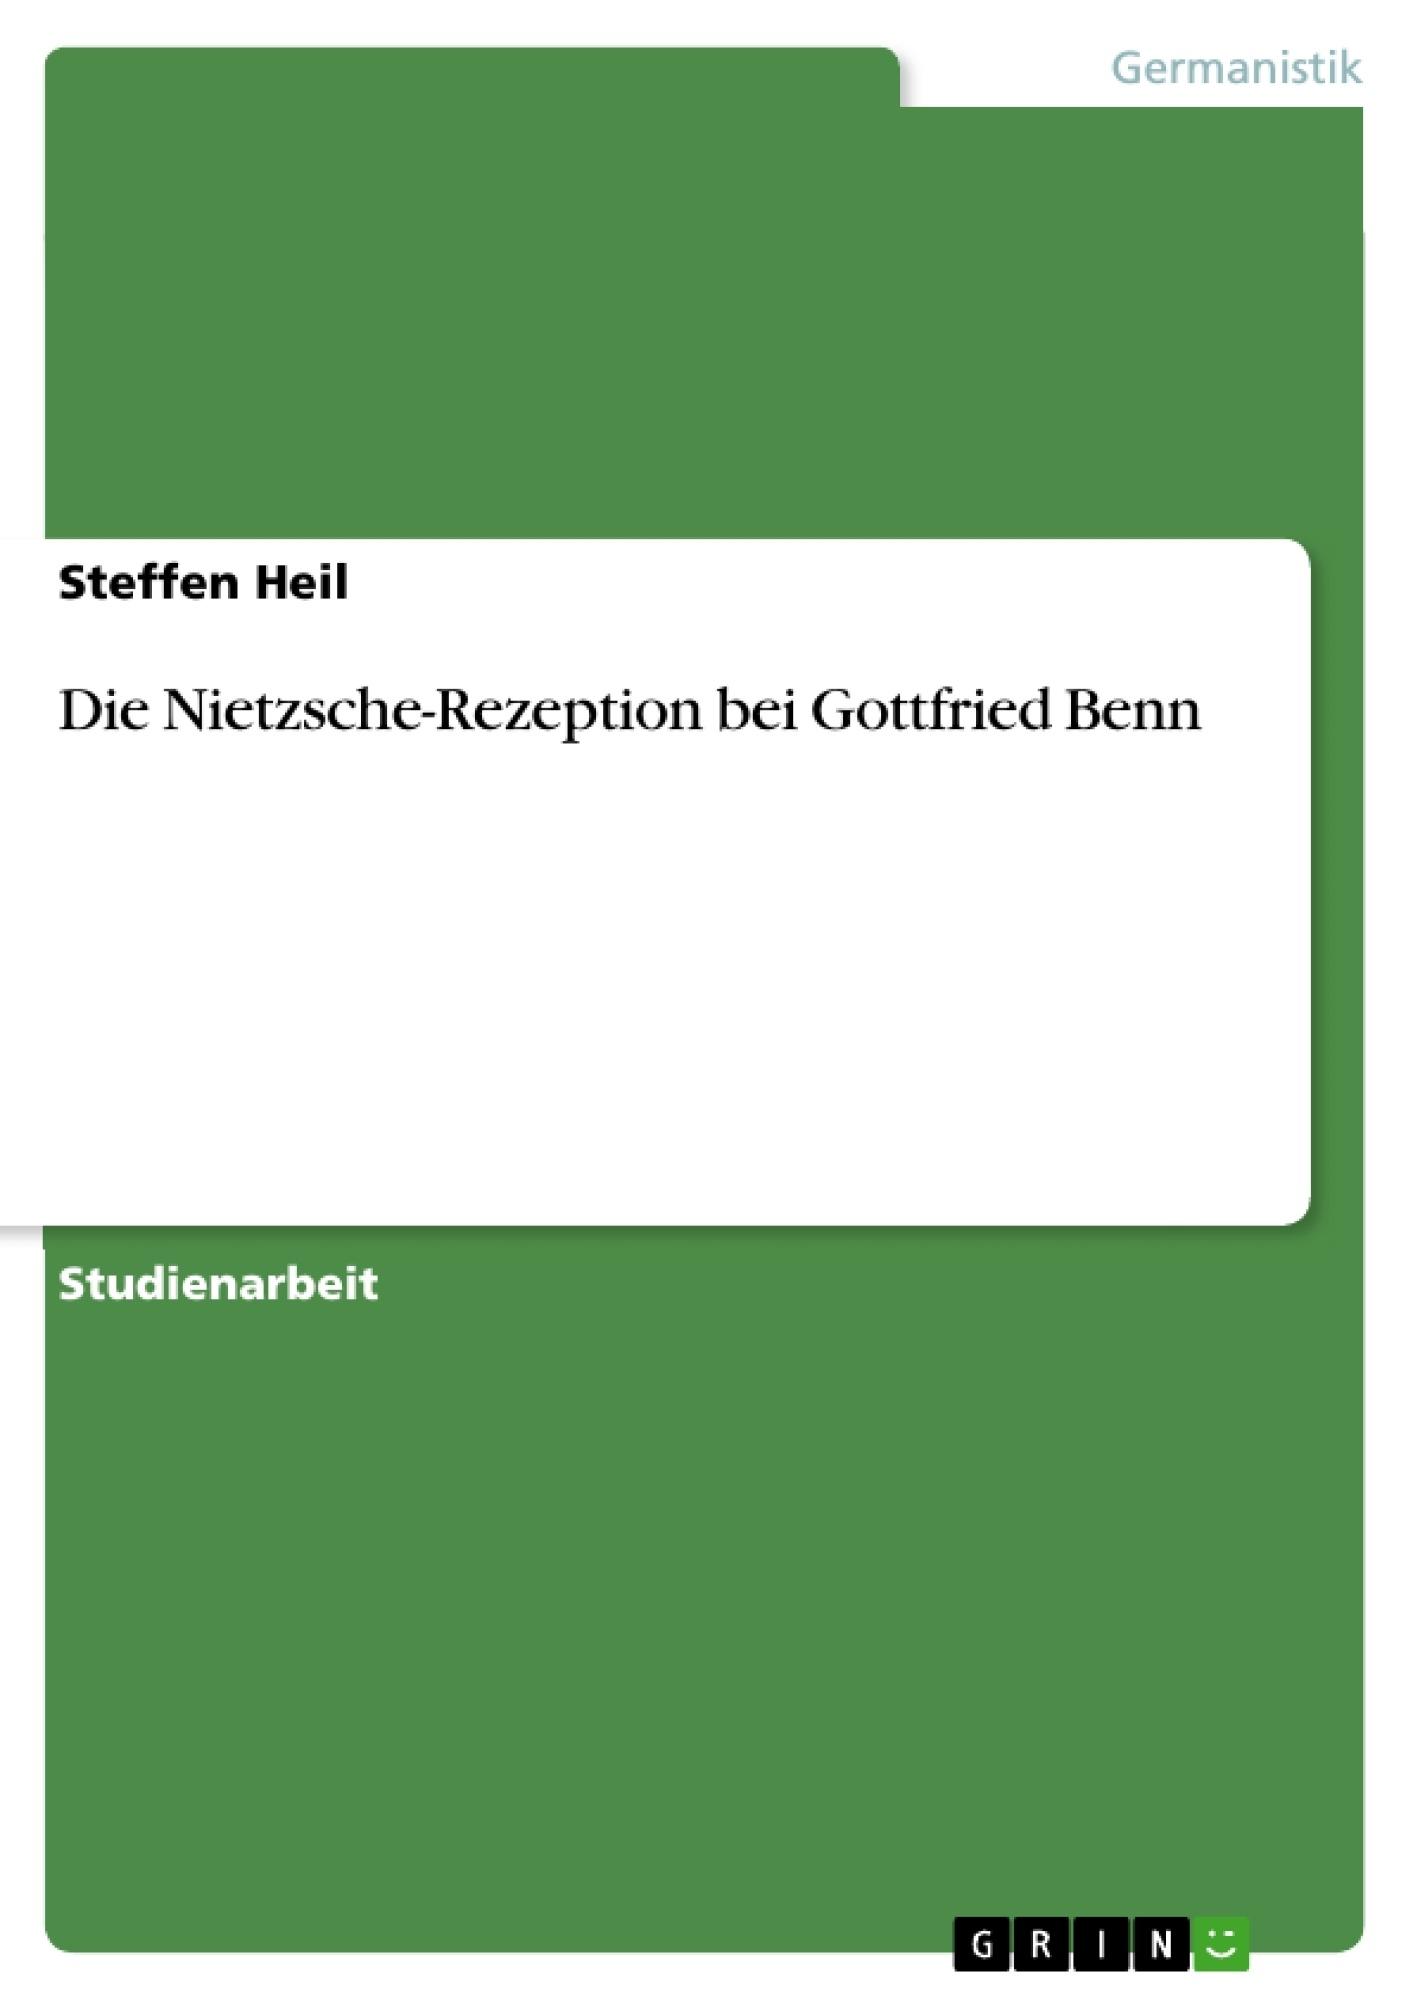 Titel: Die Nietzsche-Rezeption bei Gottfried Benn